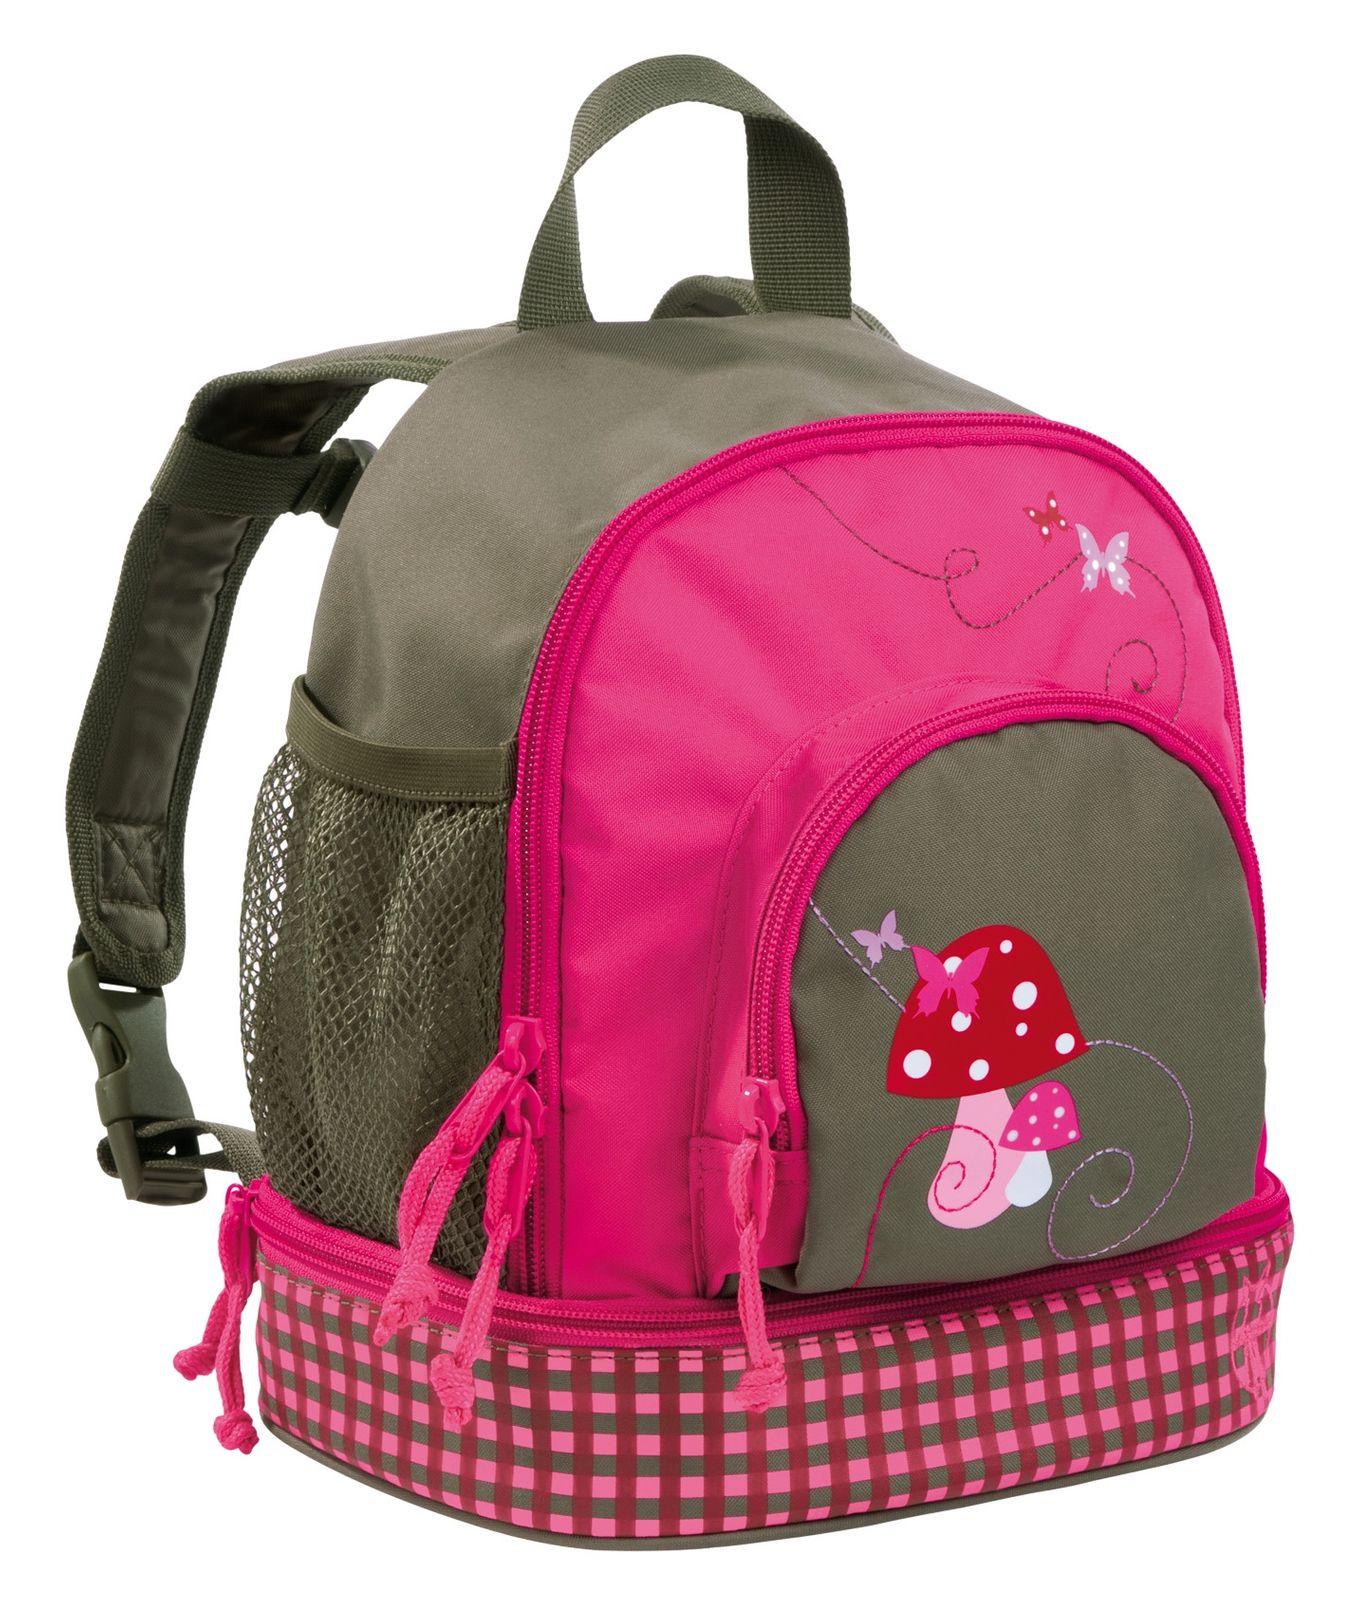 Lässig 4Kids Mini Backpack M Mushroom Magenta